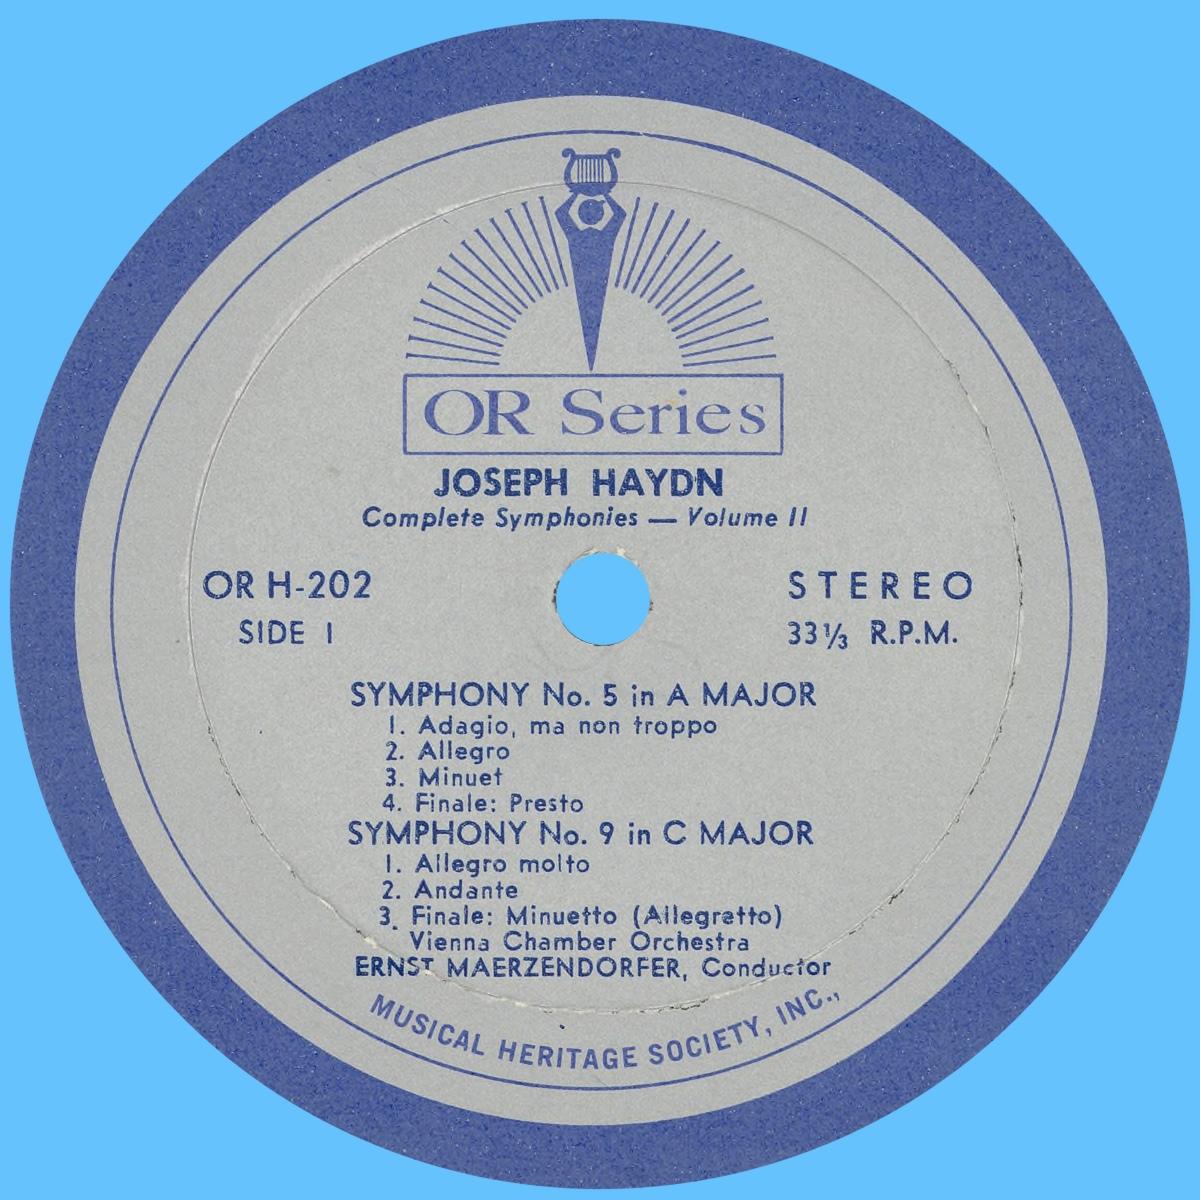 Étiquette recto du disque MHS Orpheus OR H-202